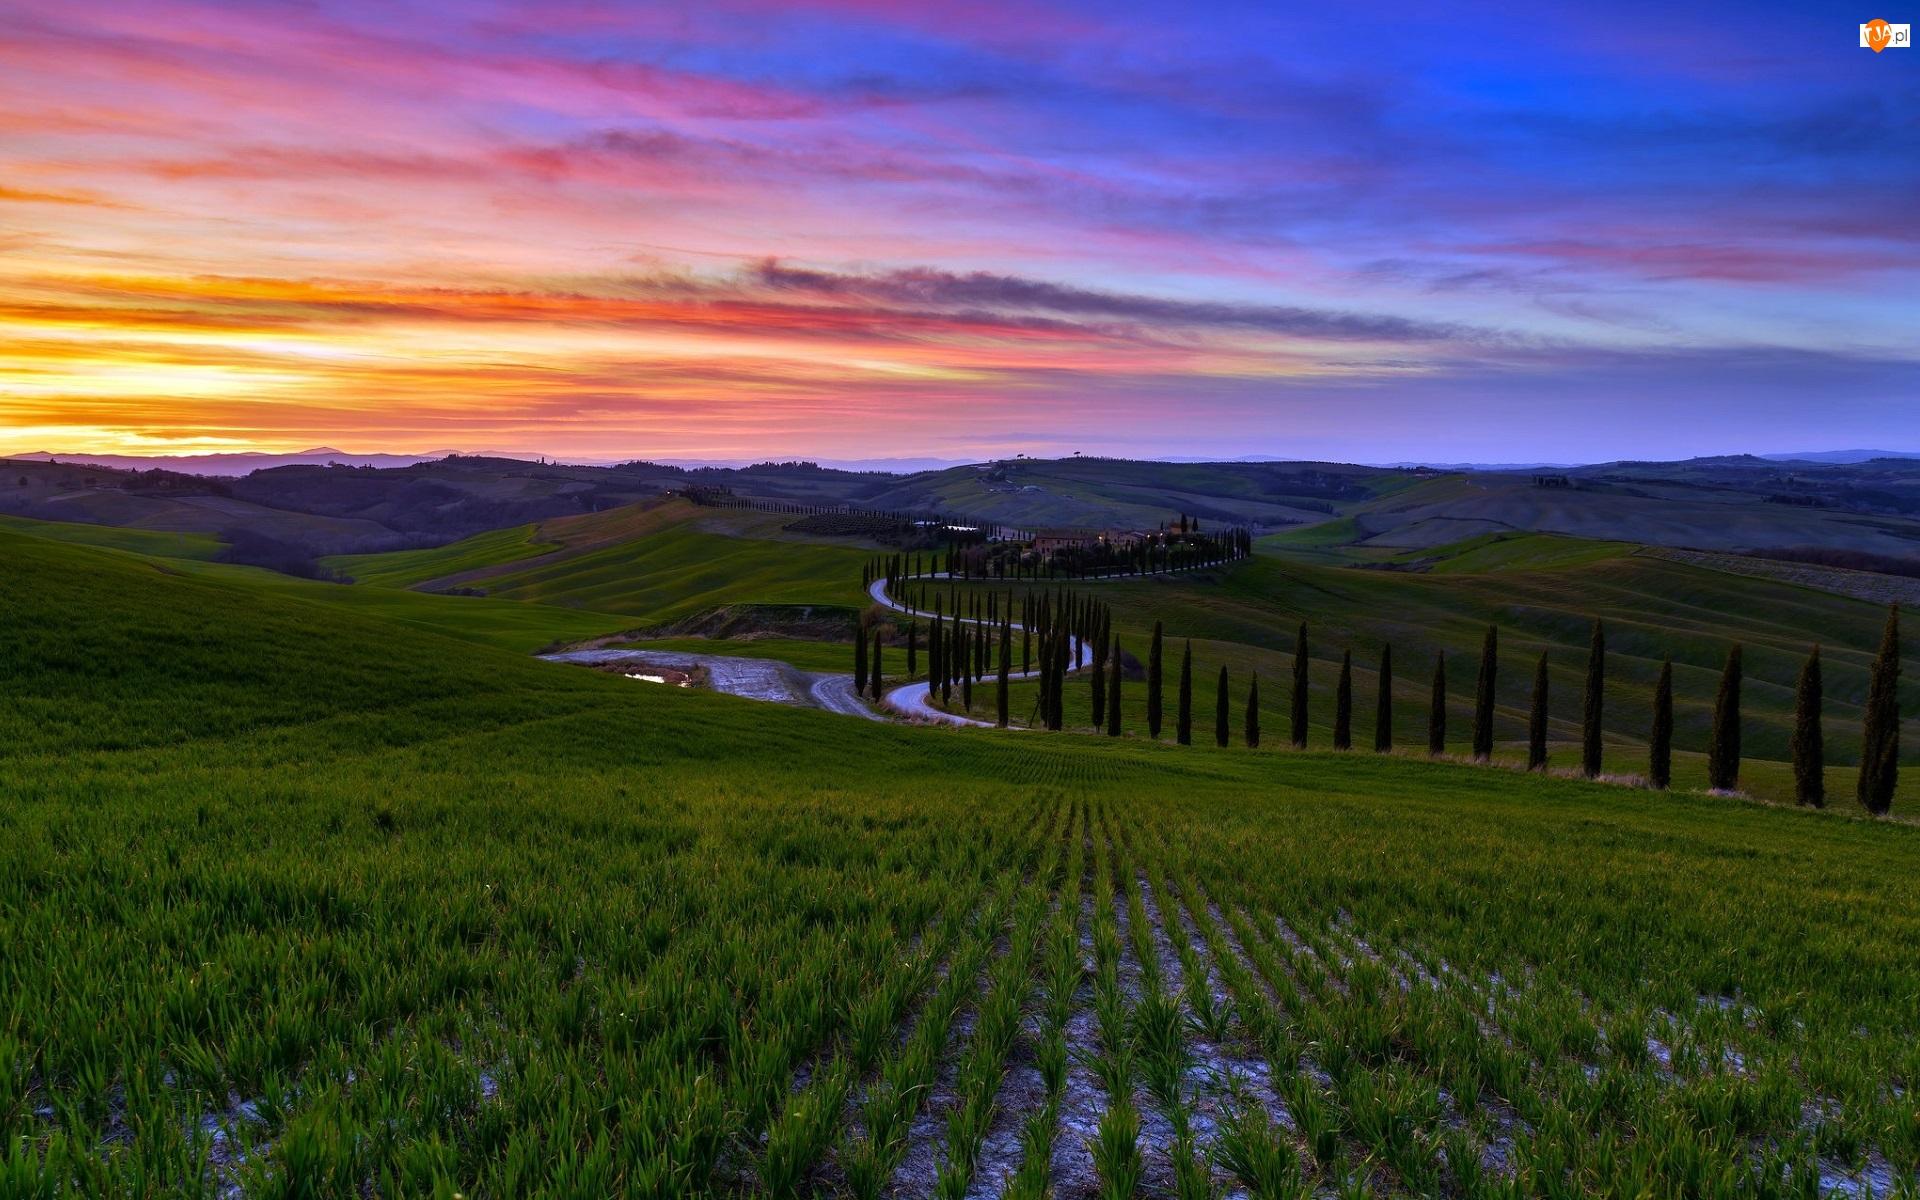 Domy, Włochy, Drzewa, Droga, Toskania, Cyprysy, Zachód słońca, Wzgórza